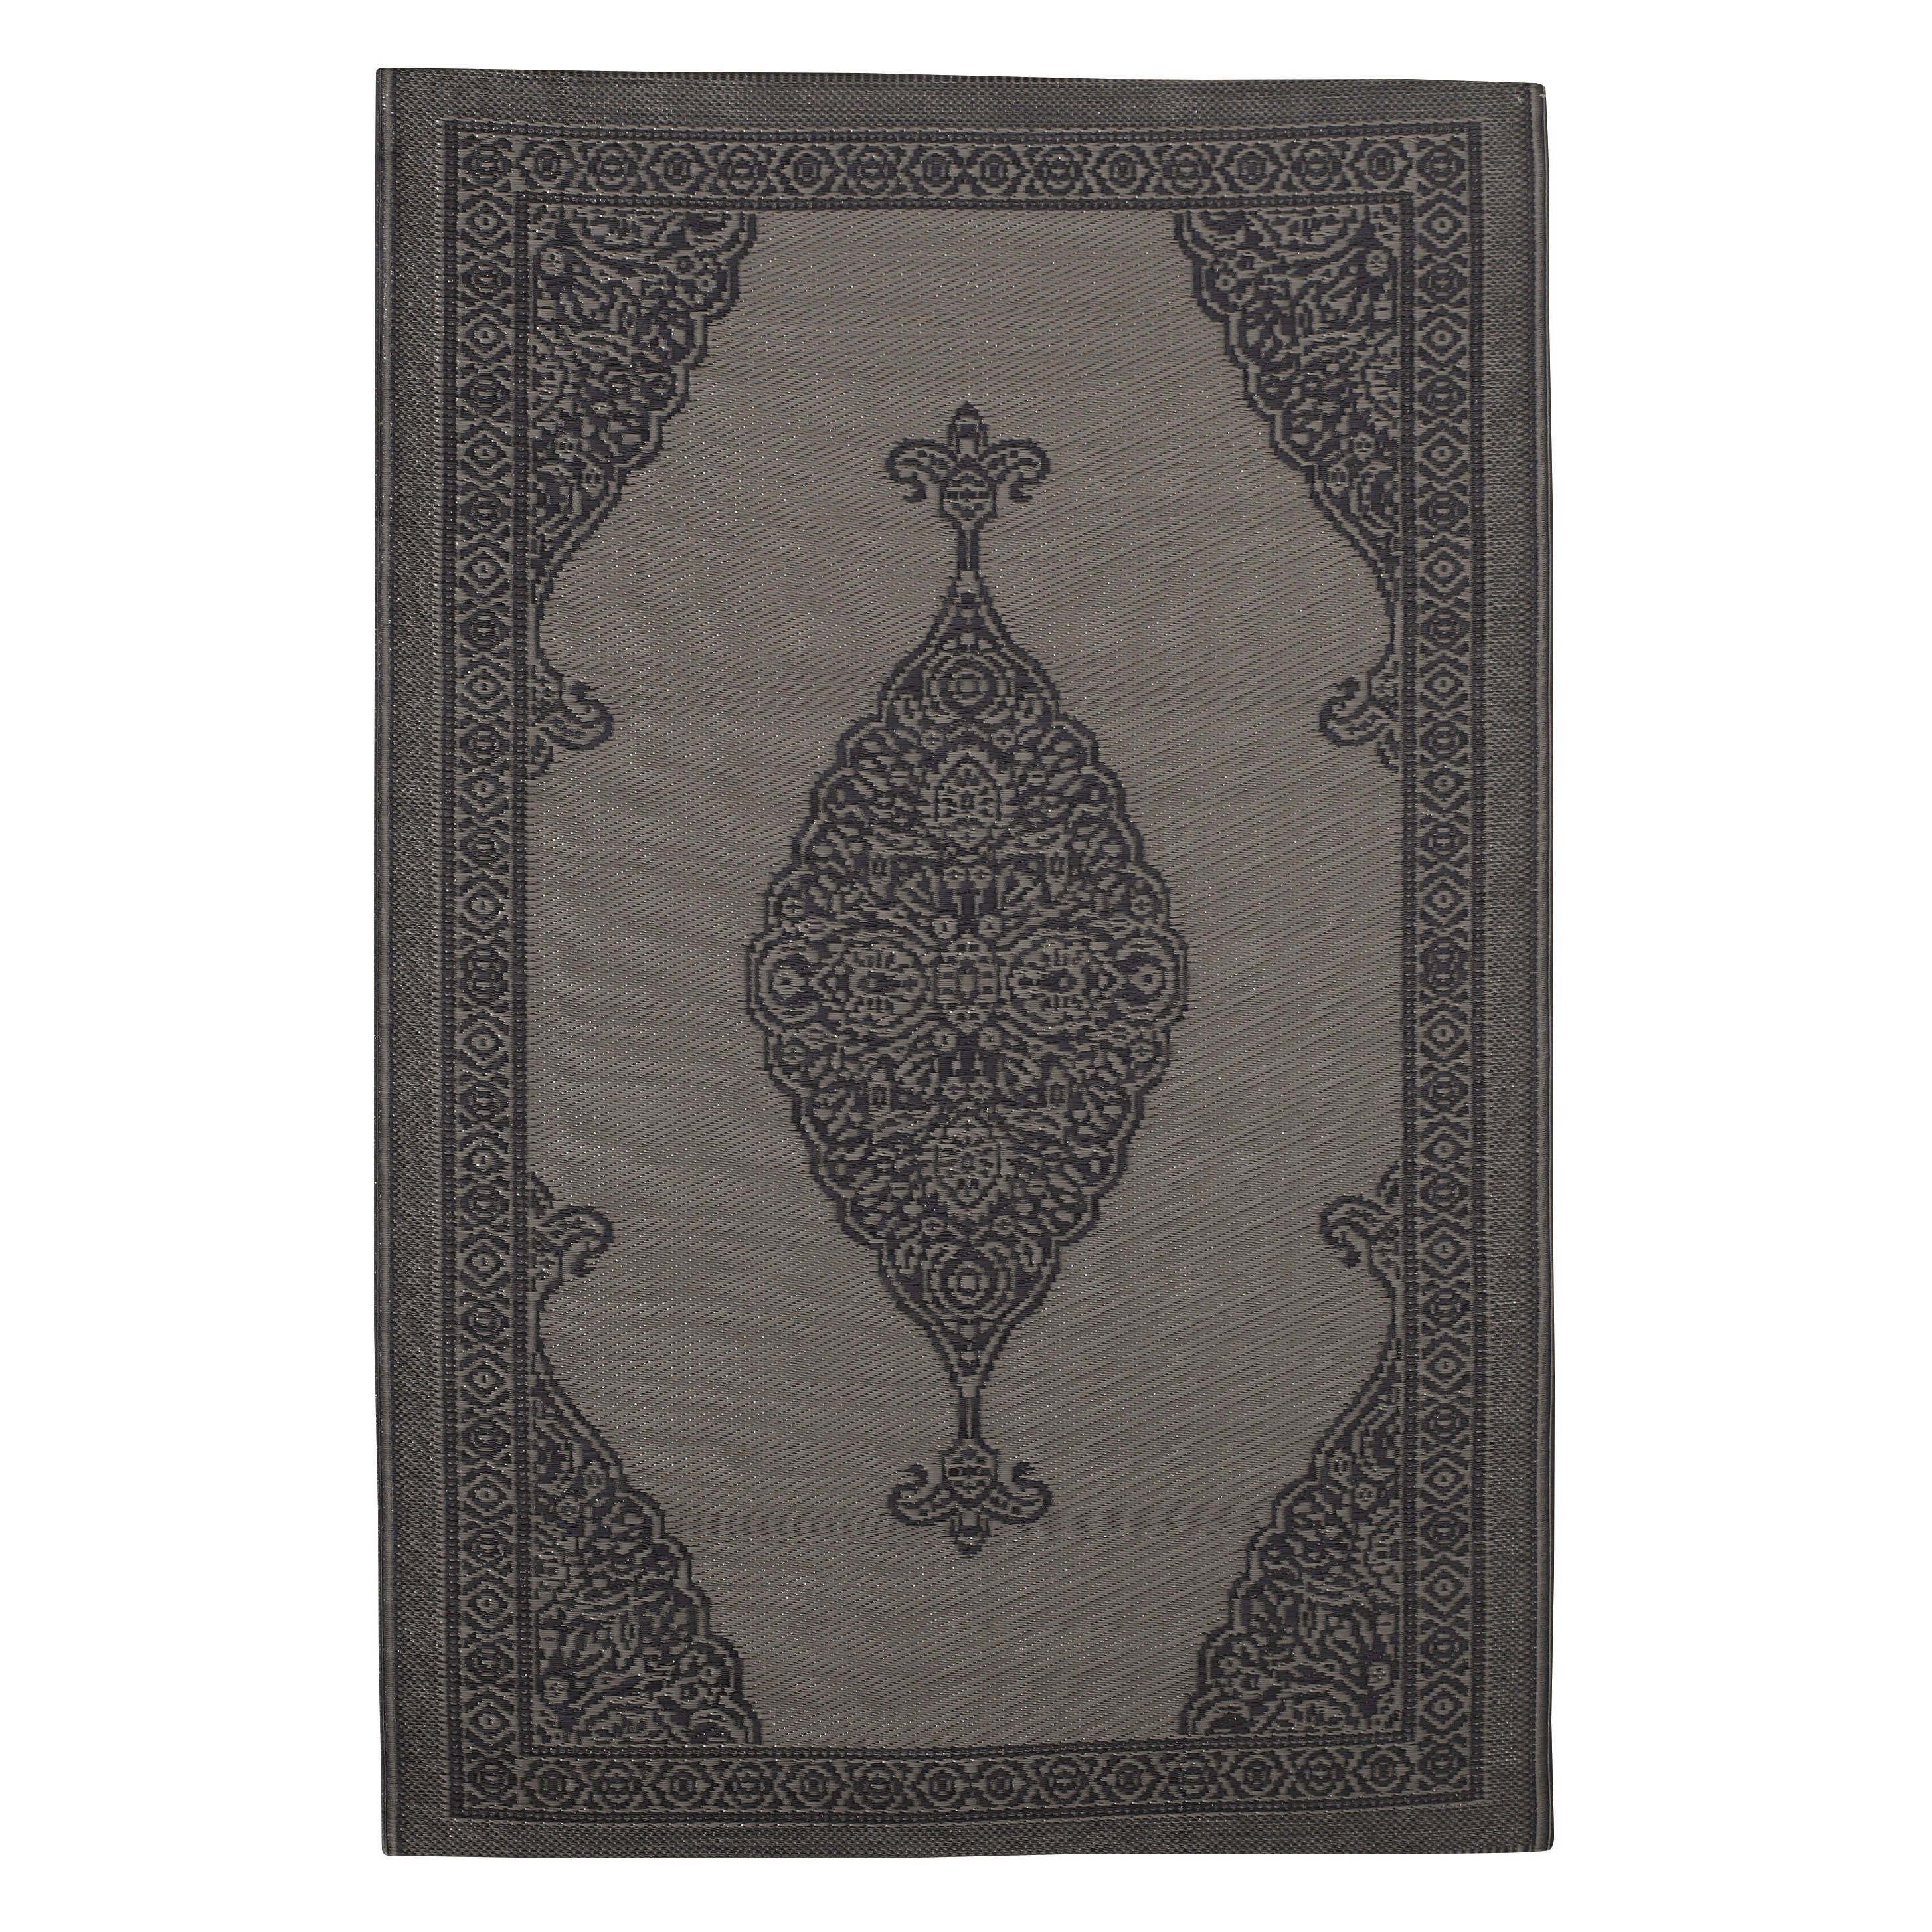 Outdoor-Teppich IBIZA aus Kunststoff, 120 x 180cm, grau